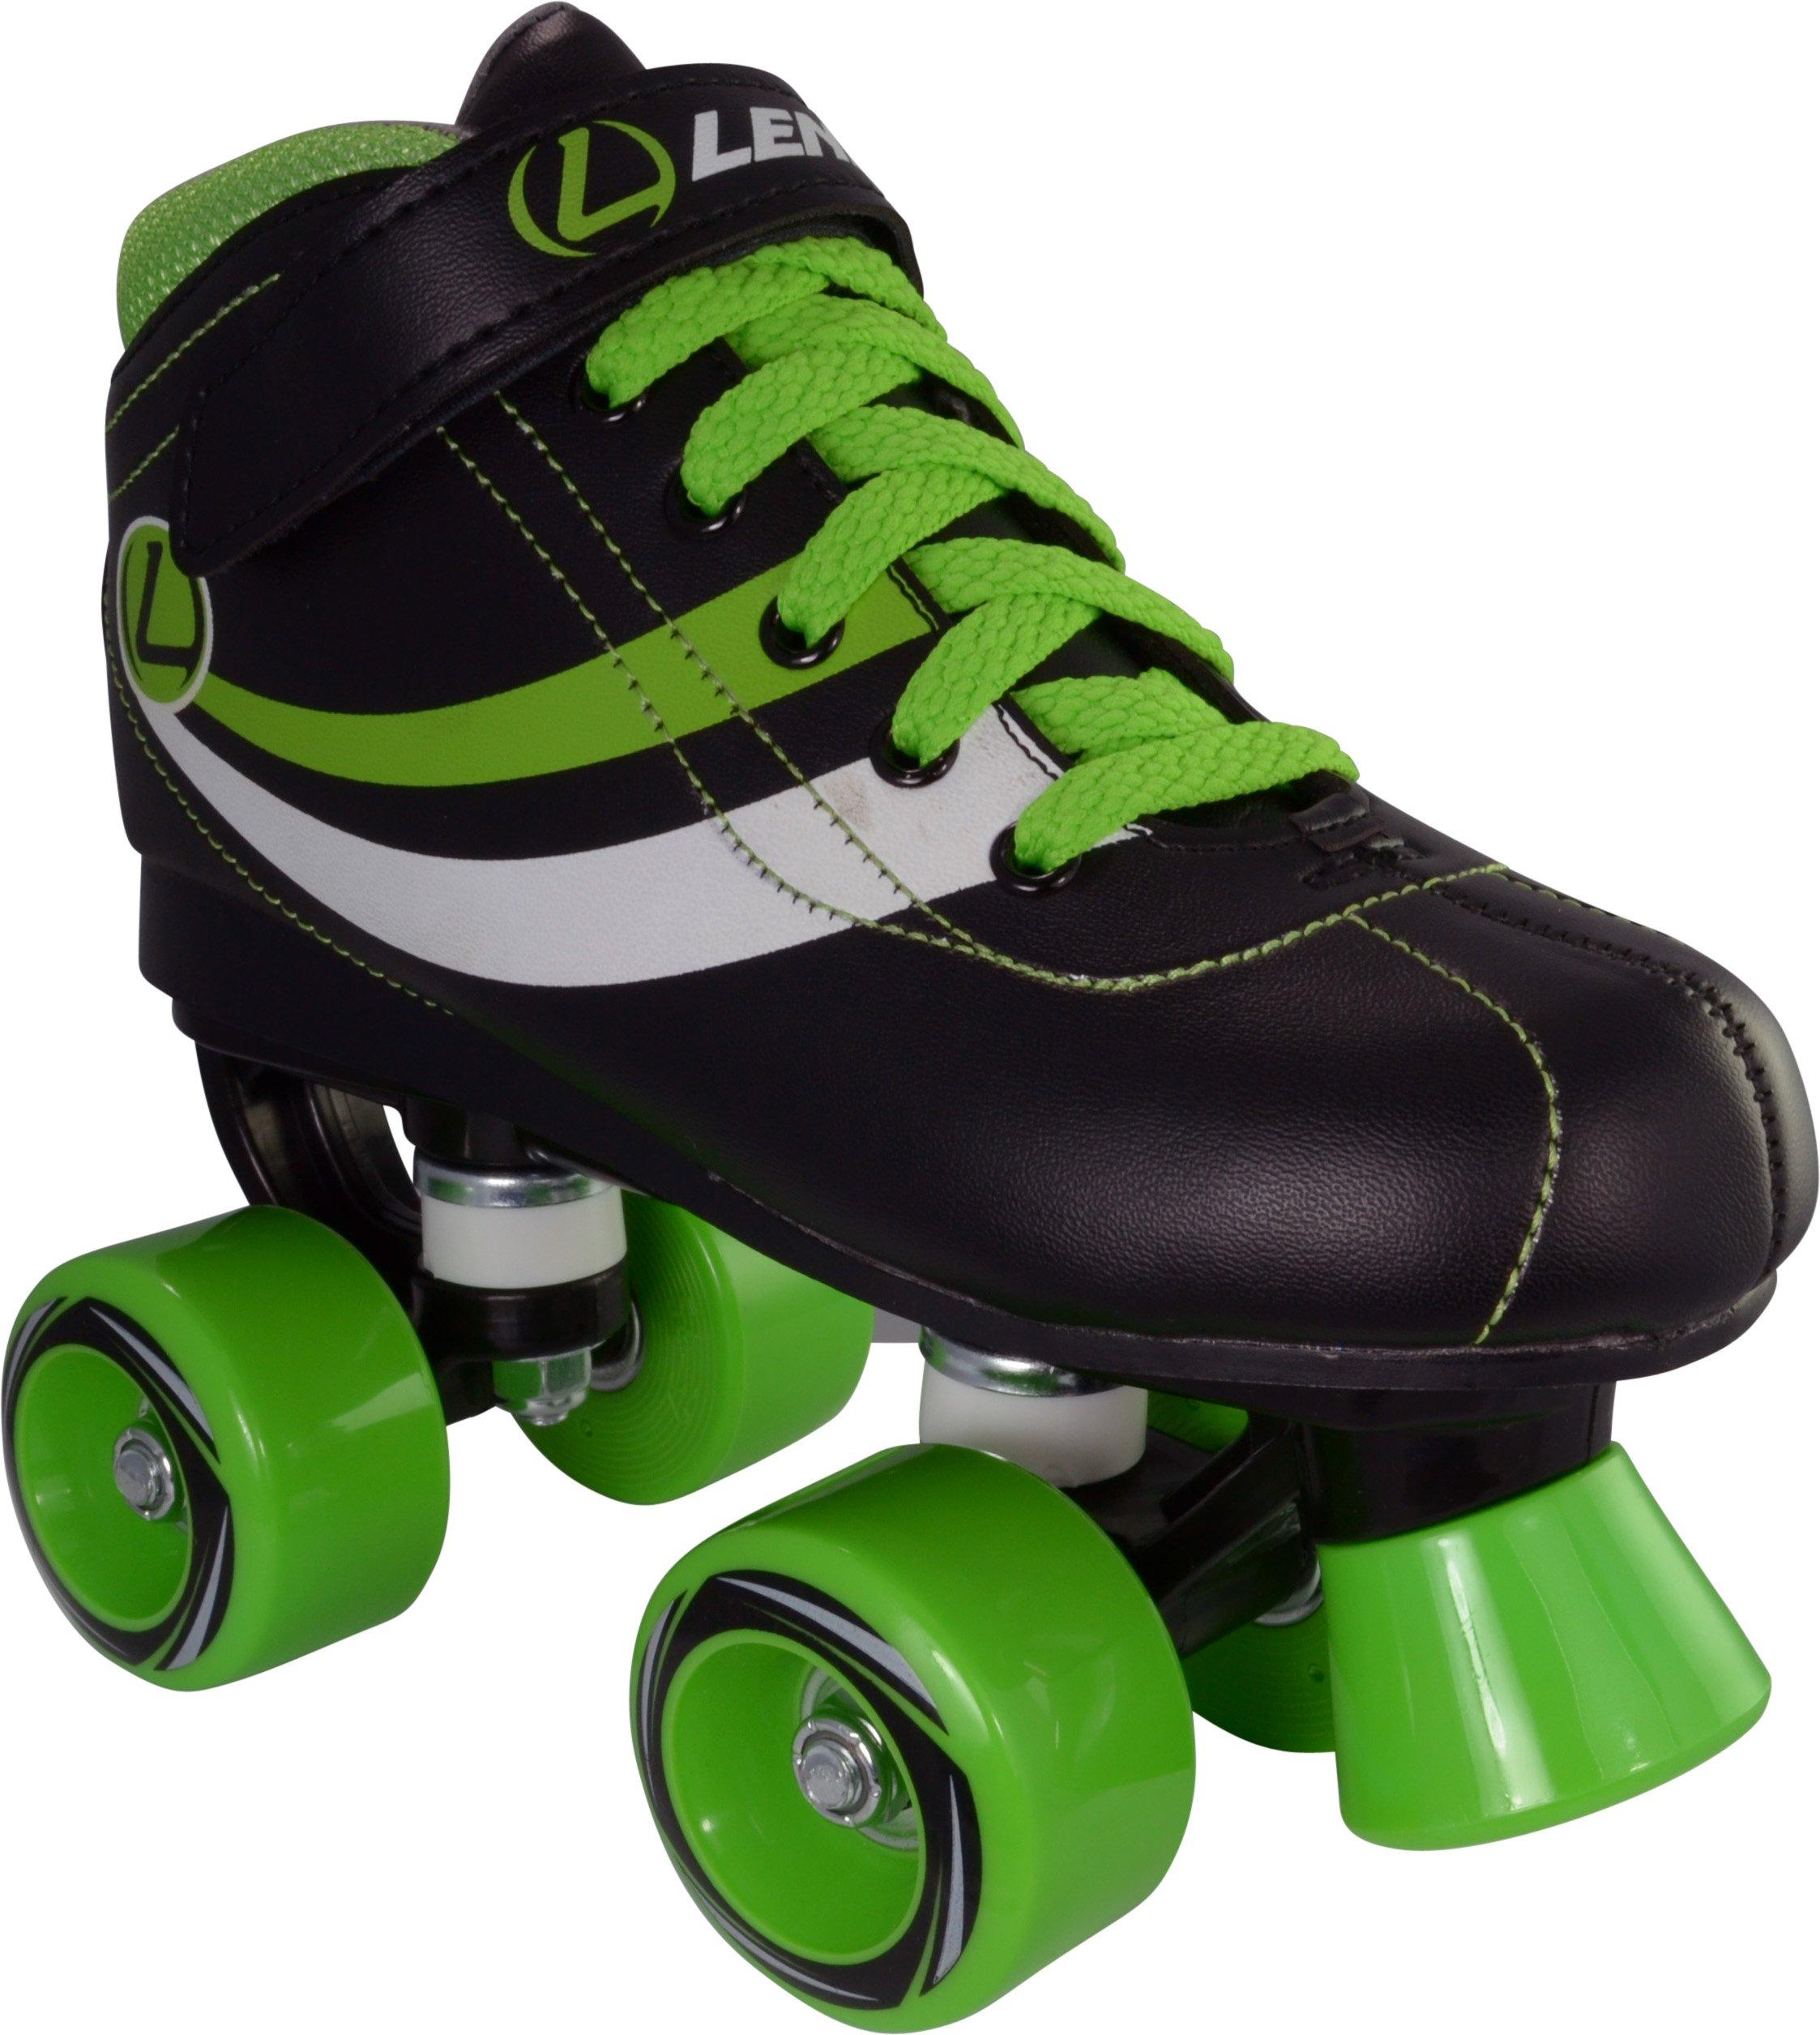 Lenexa Champ Kids Roller Skates